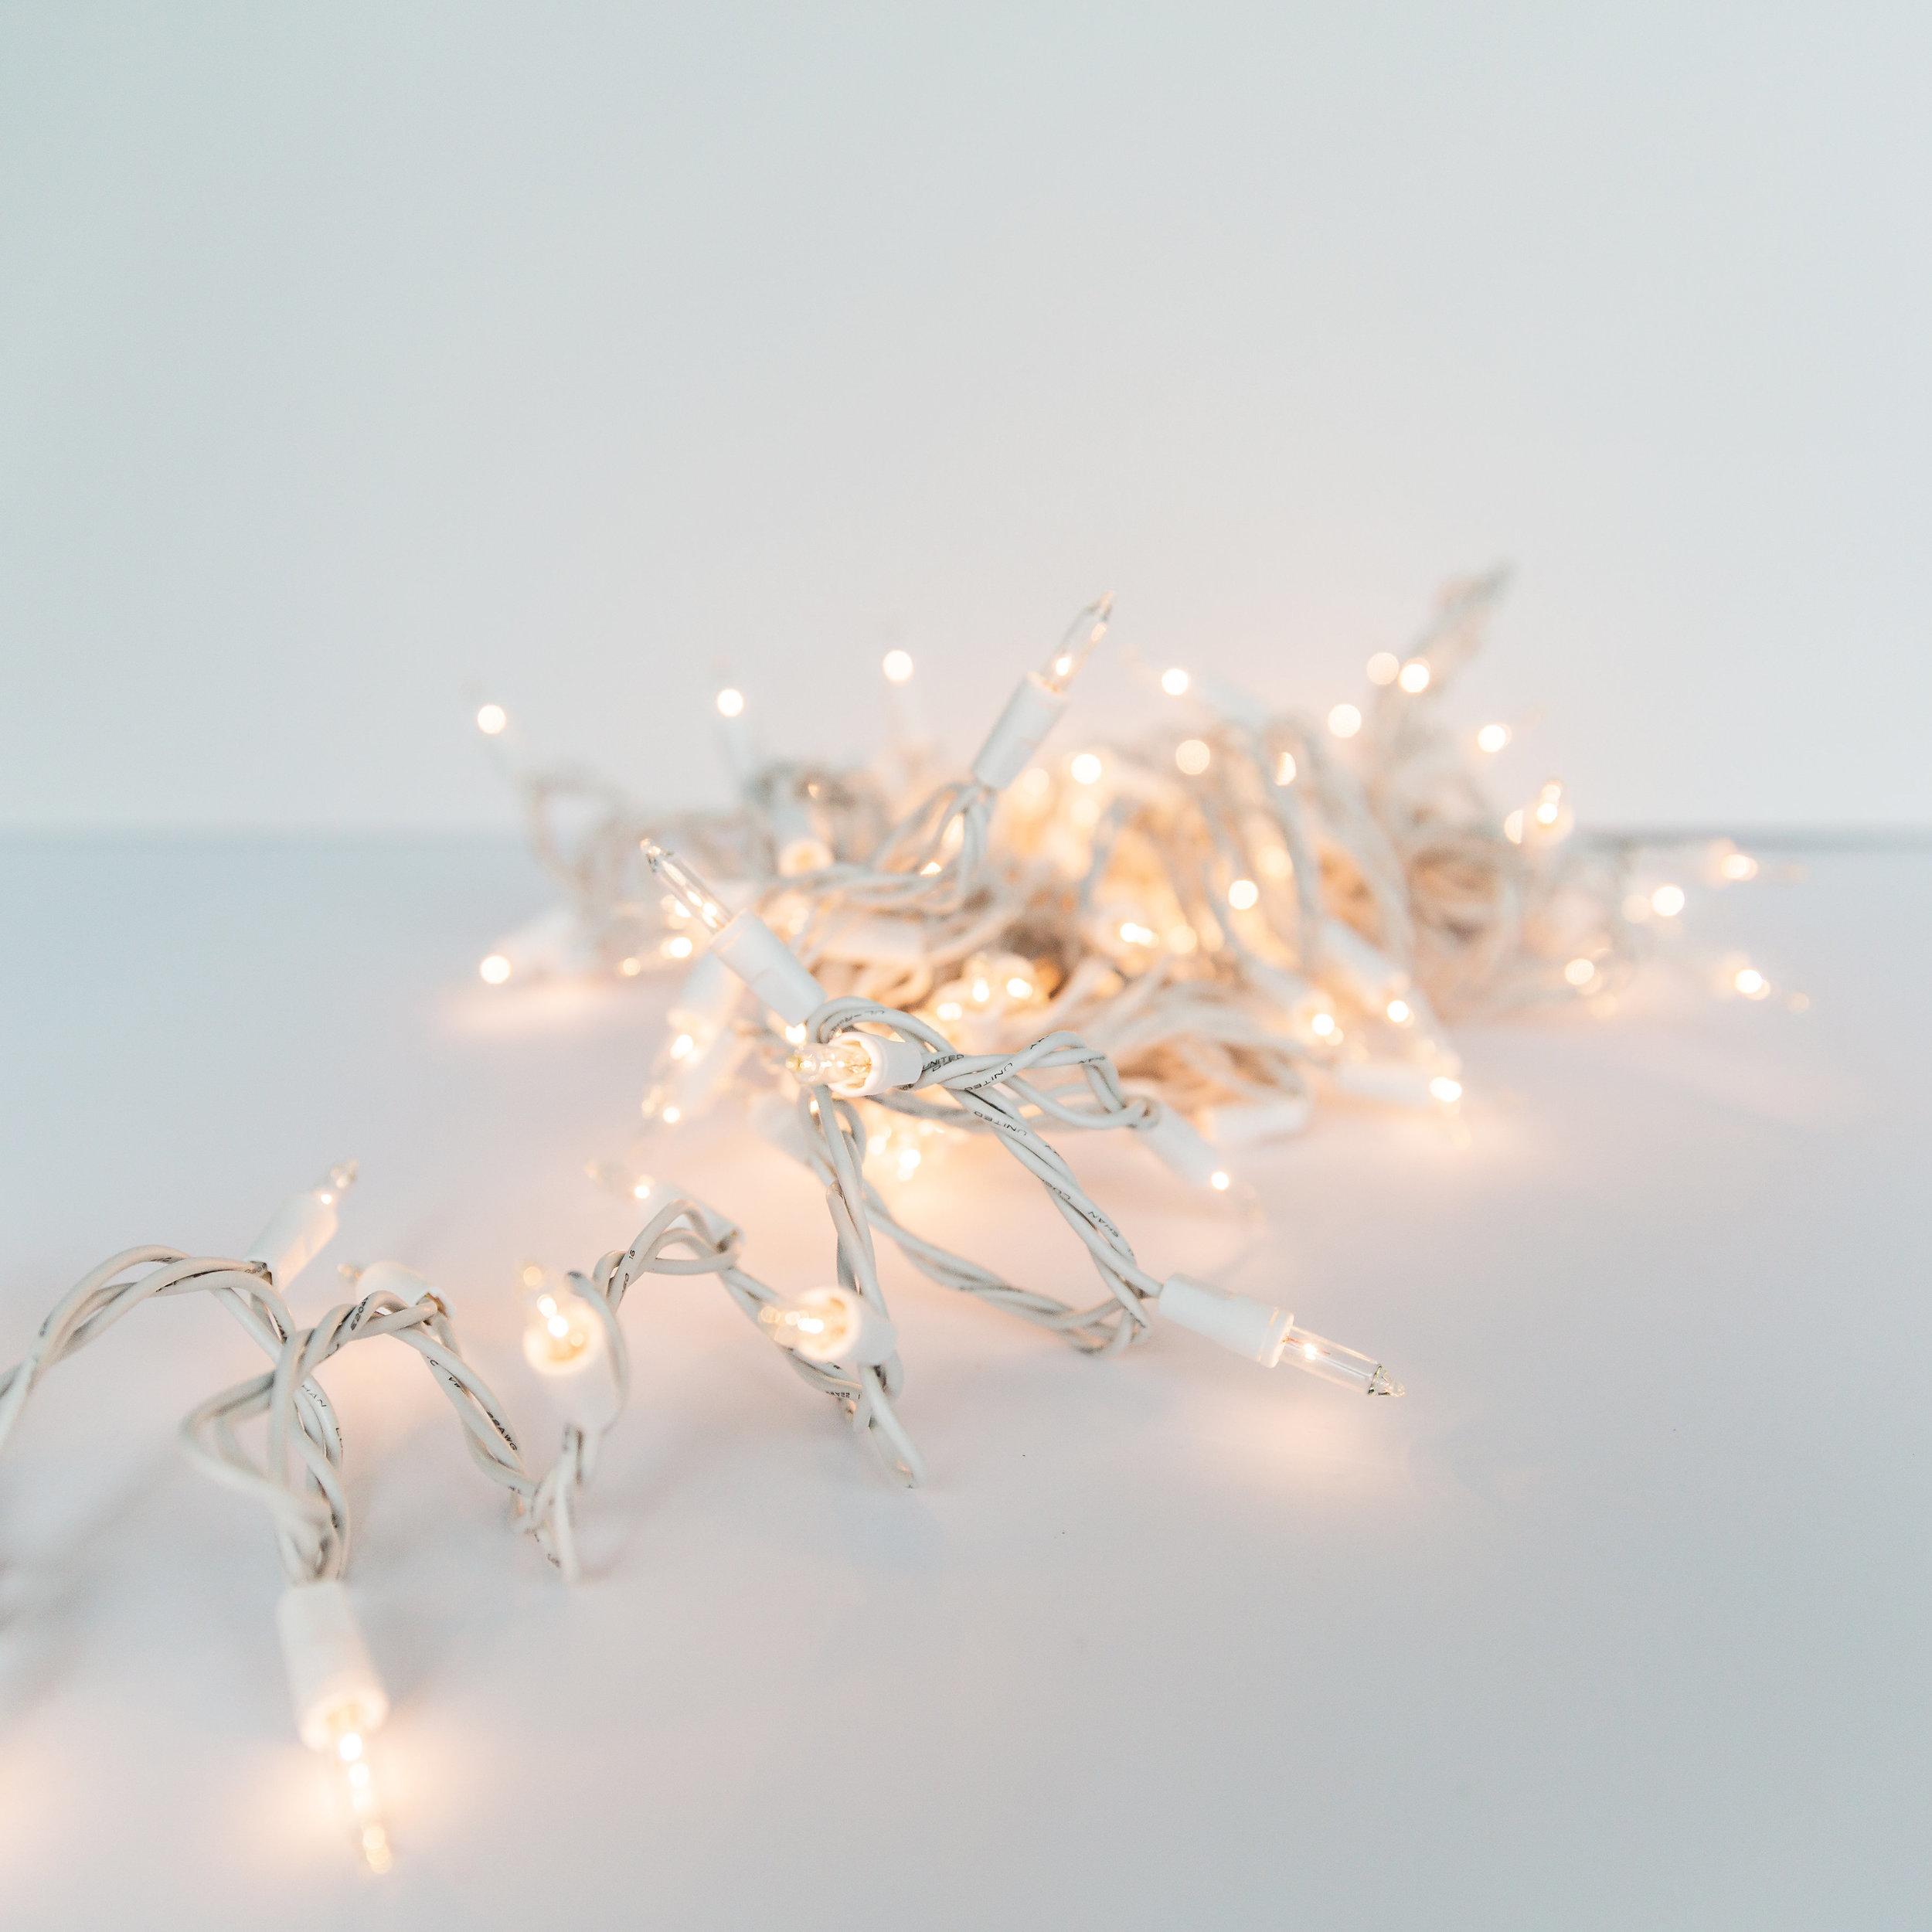 100 Bulb White String Lights  >>>$1.00 each<<<